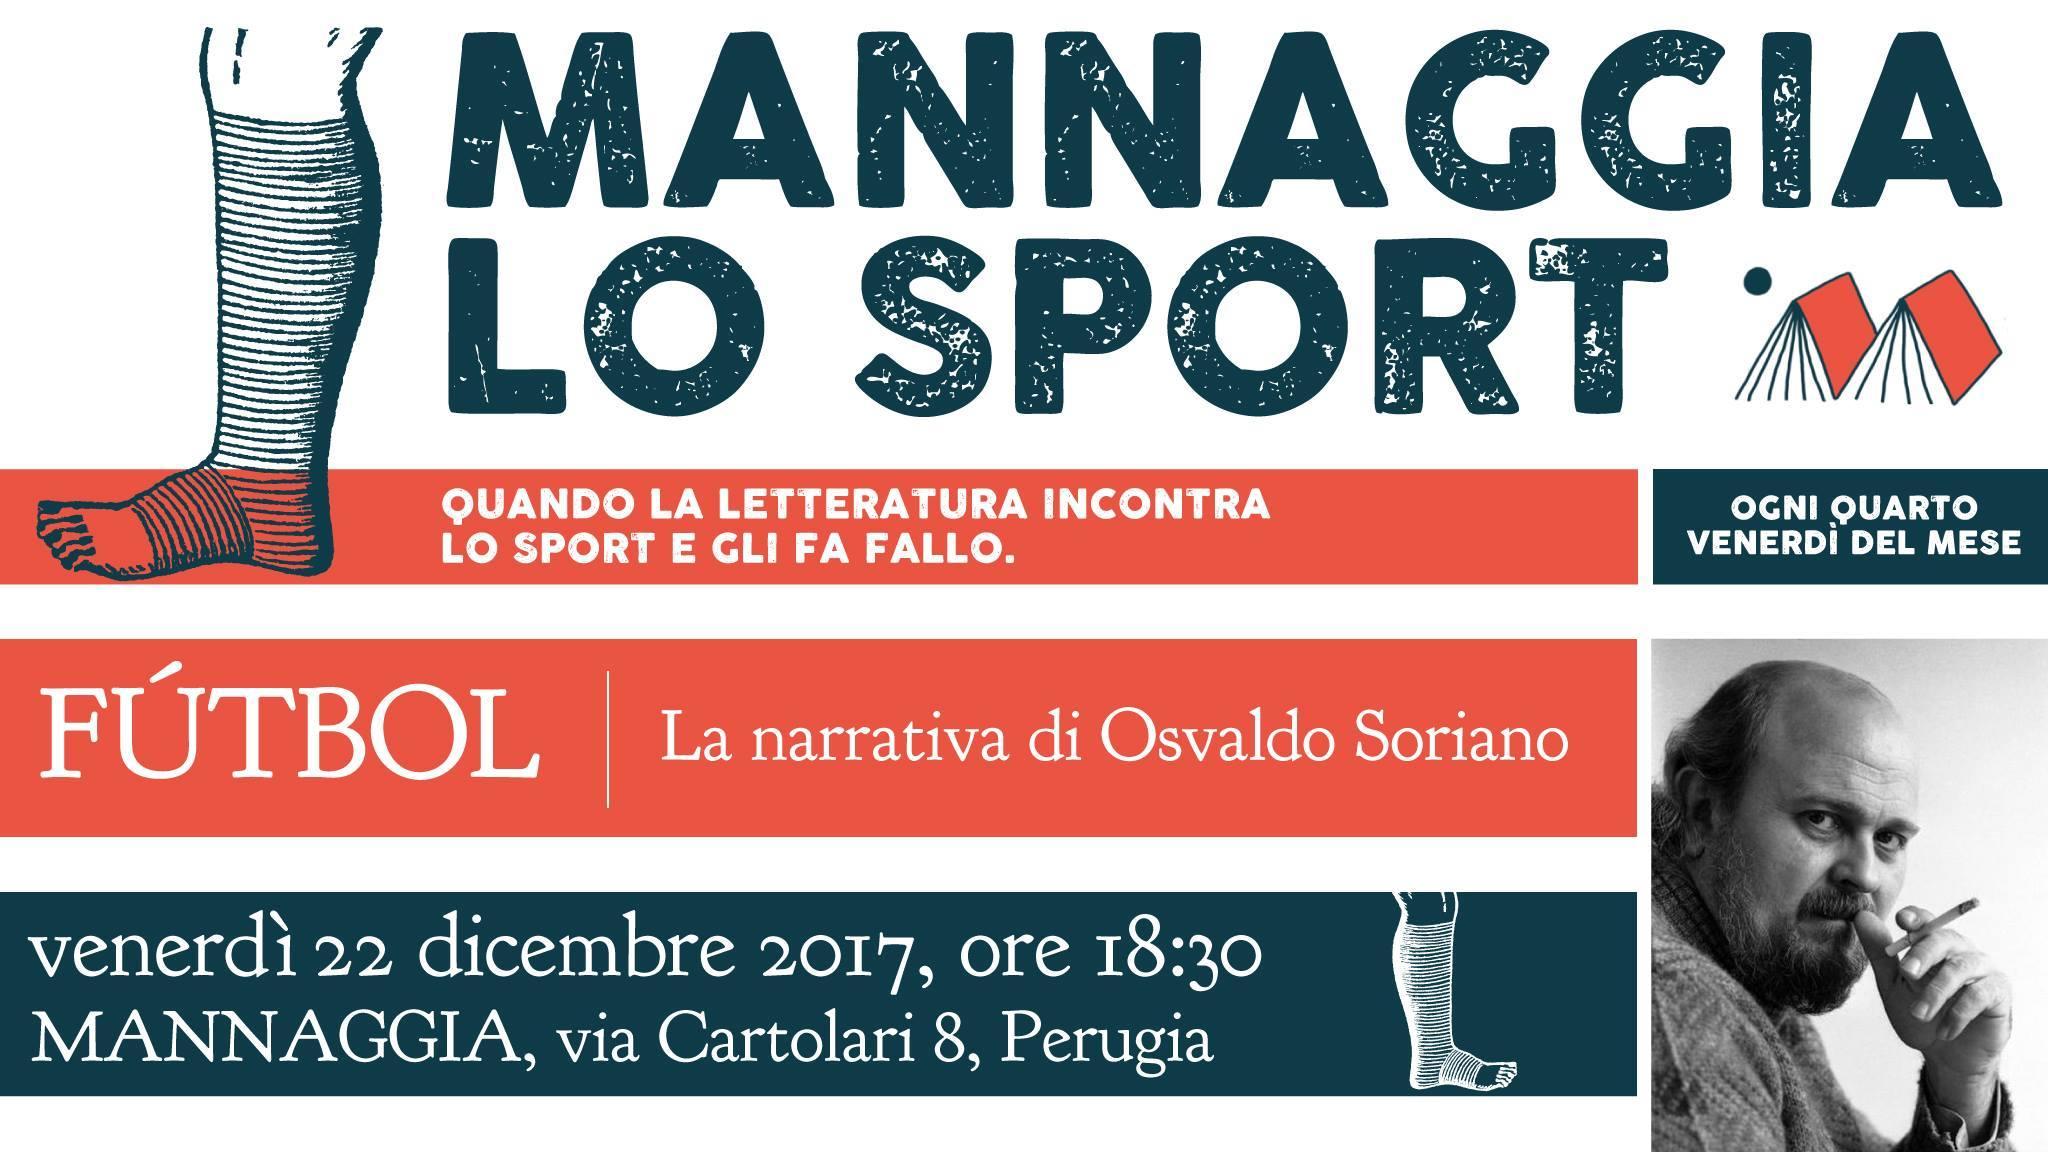 Mannaggia lo sport - Fútbol, la narrativa di Osvaldo Soriano